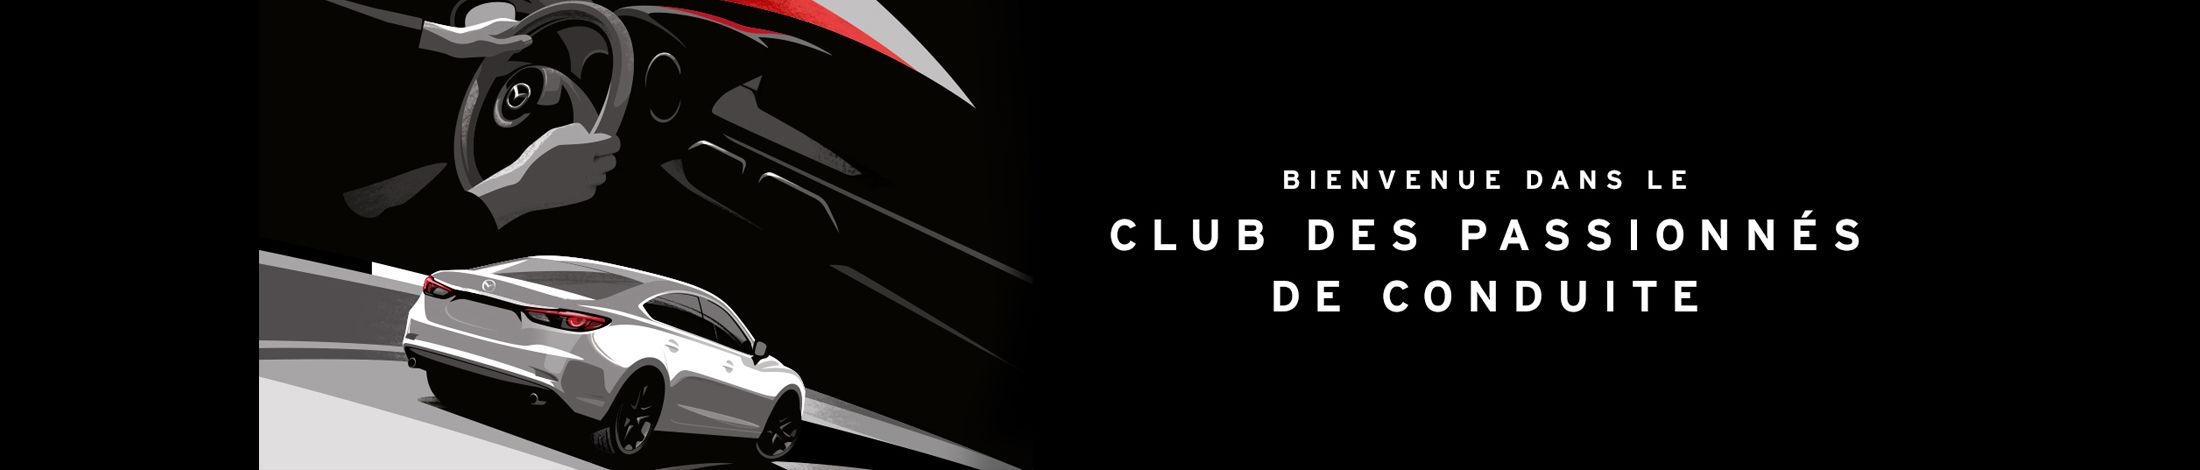 Club des passionnés de conduite Mazda